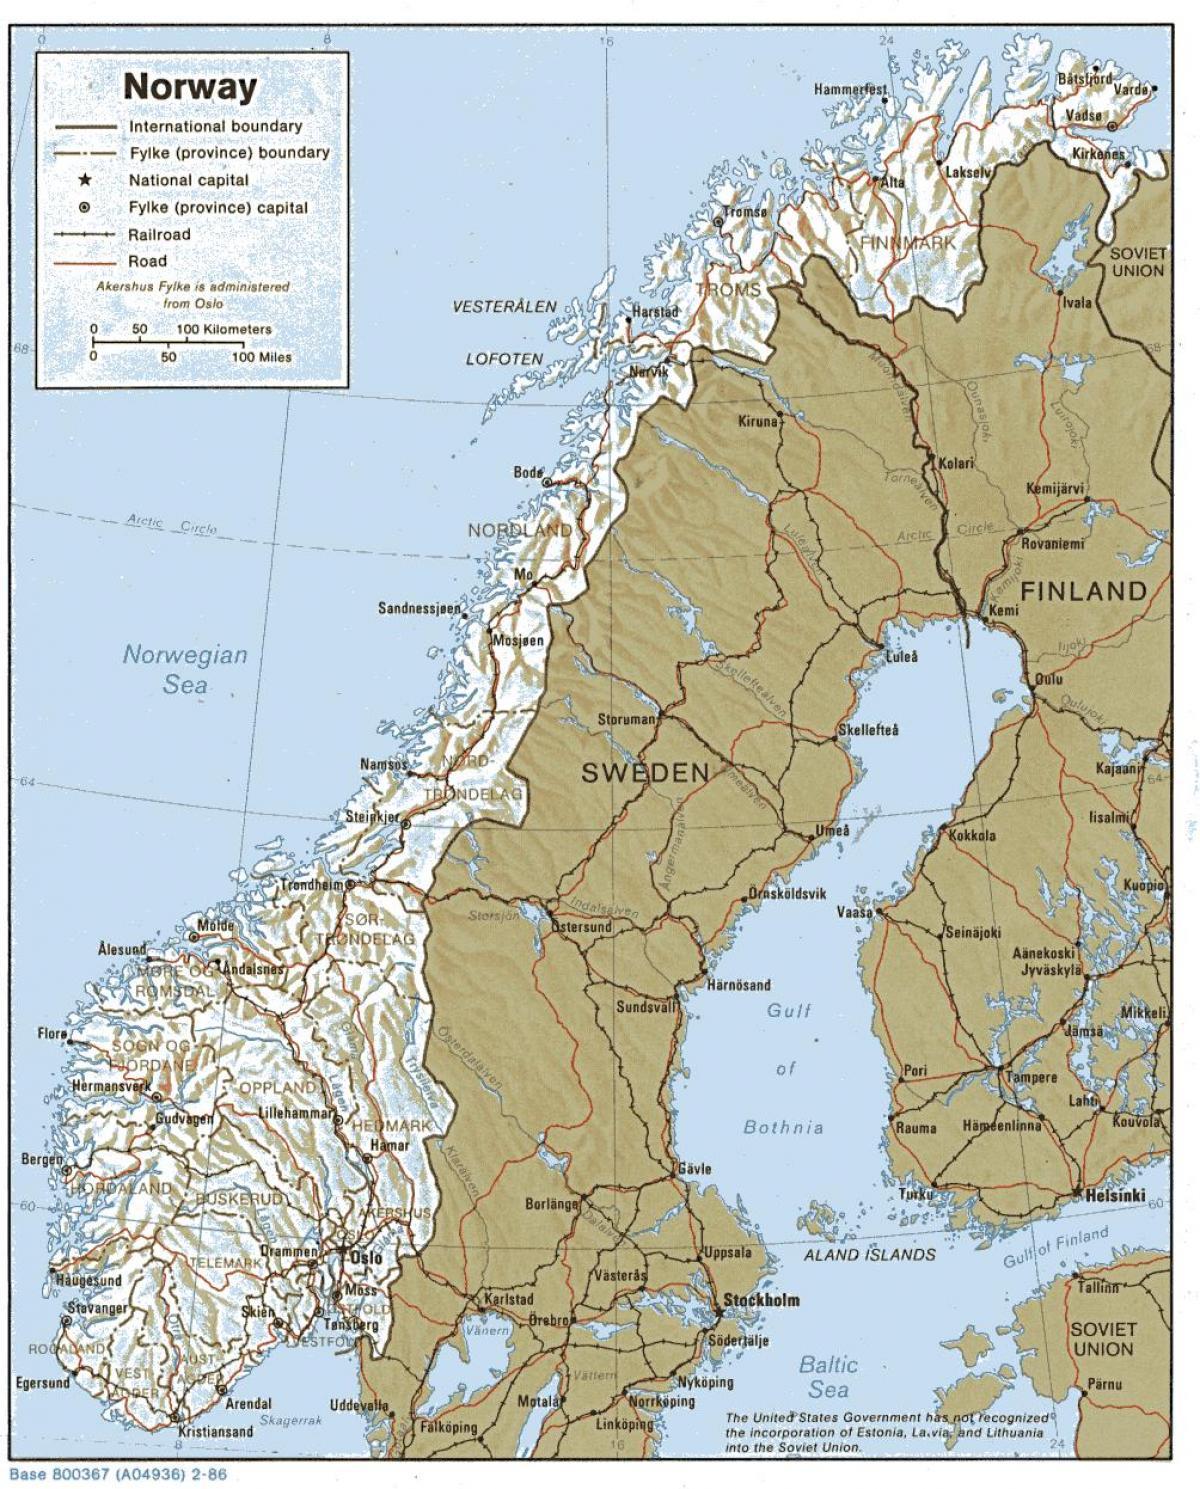 La Norvegia Cartina.Norvegia Geografia Cartina Mappa Geografica Della Norvegia Europa Del Nord Europa